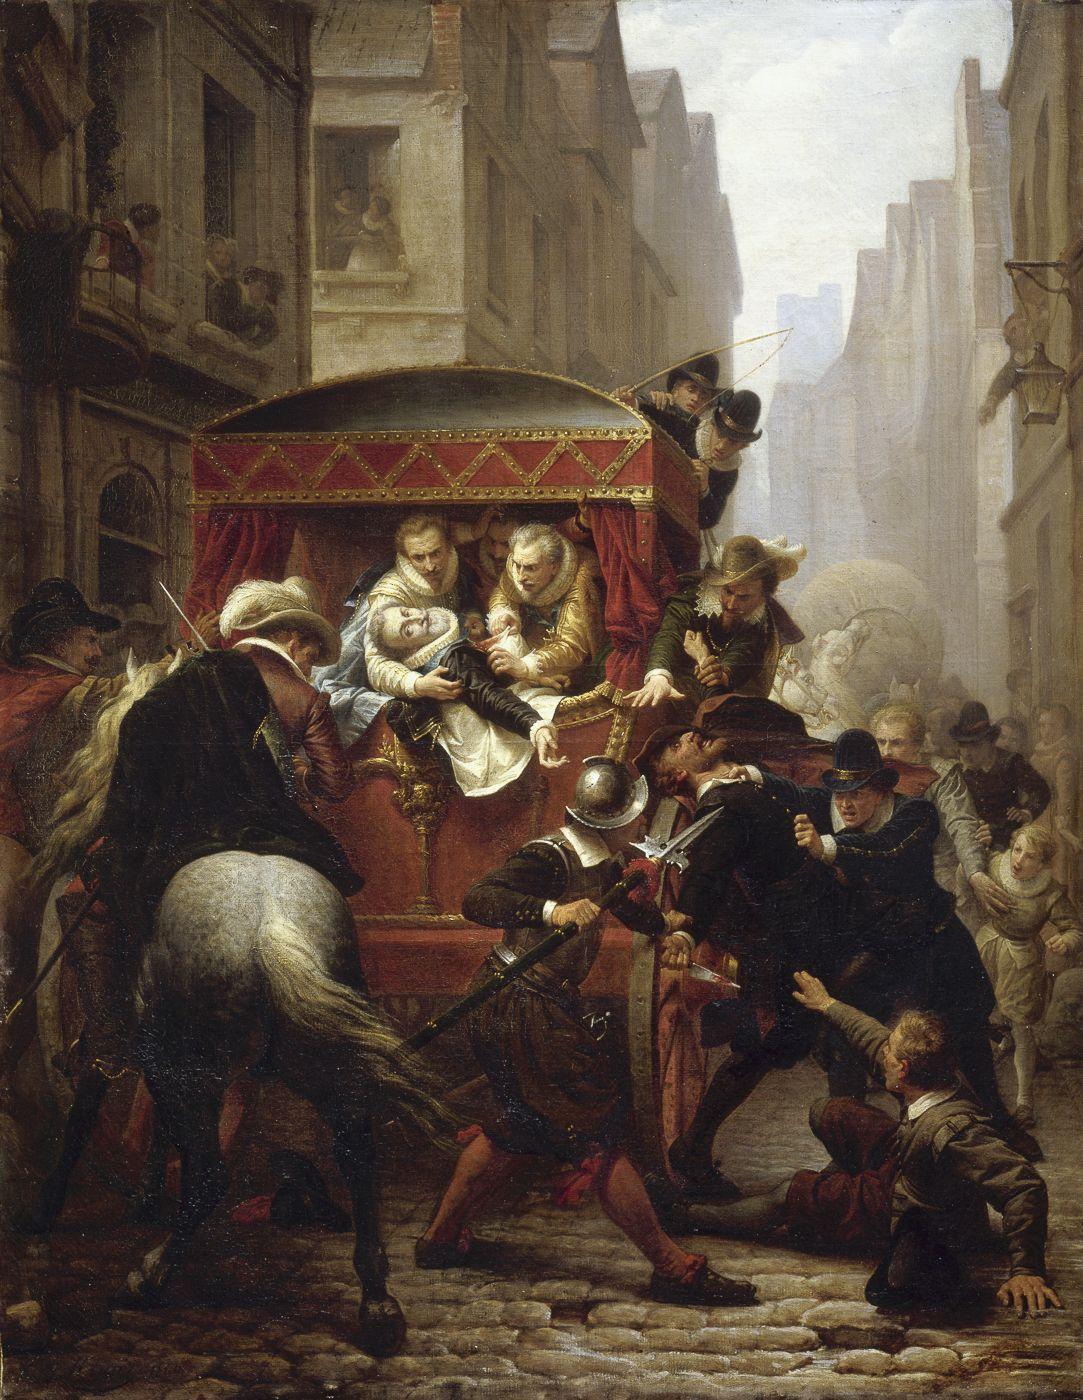 Assassinat d'Henri IV et arrestation de Ravaillac le 14 mai 1610